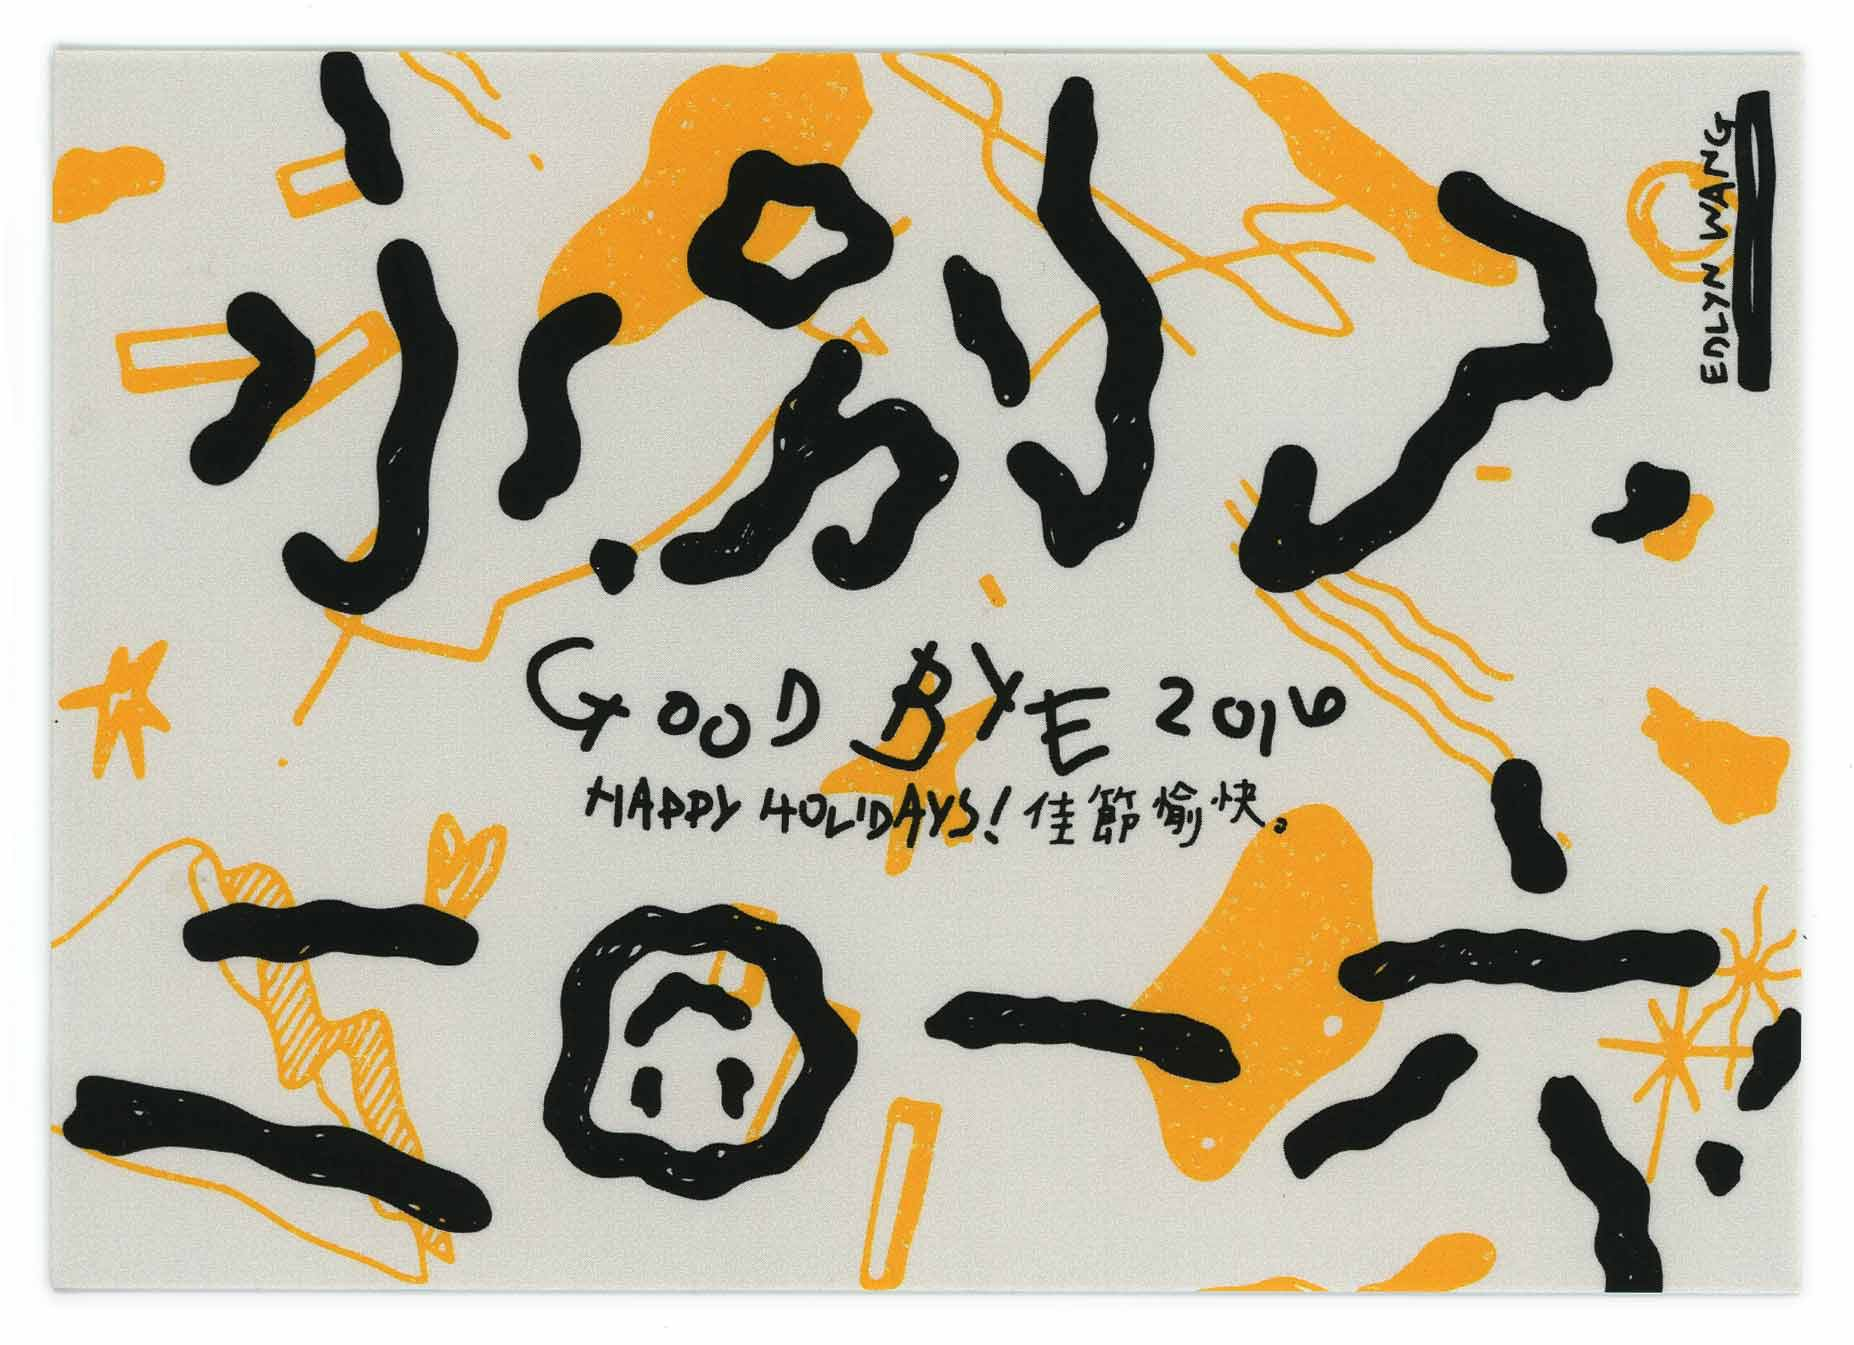 GOOD BYE 2016 HOLIDAY CARD,  drawing, print